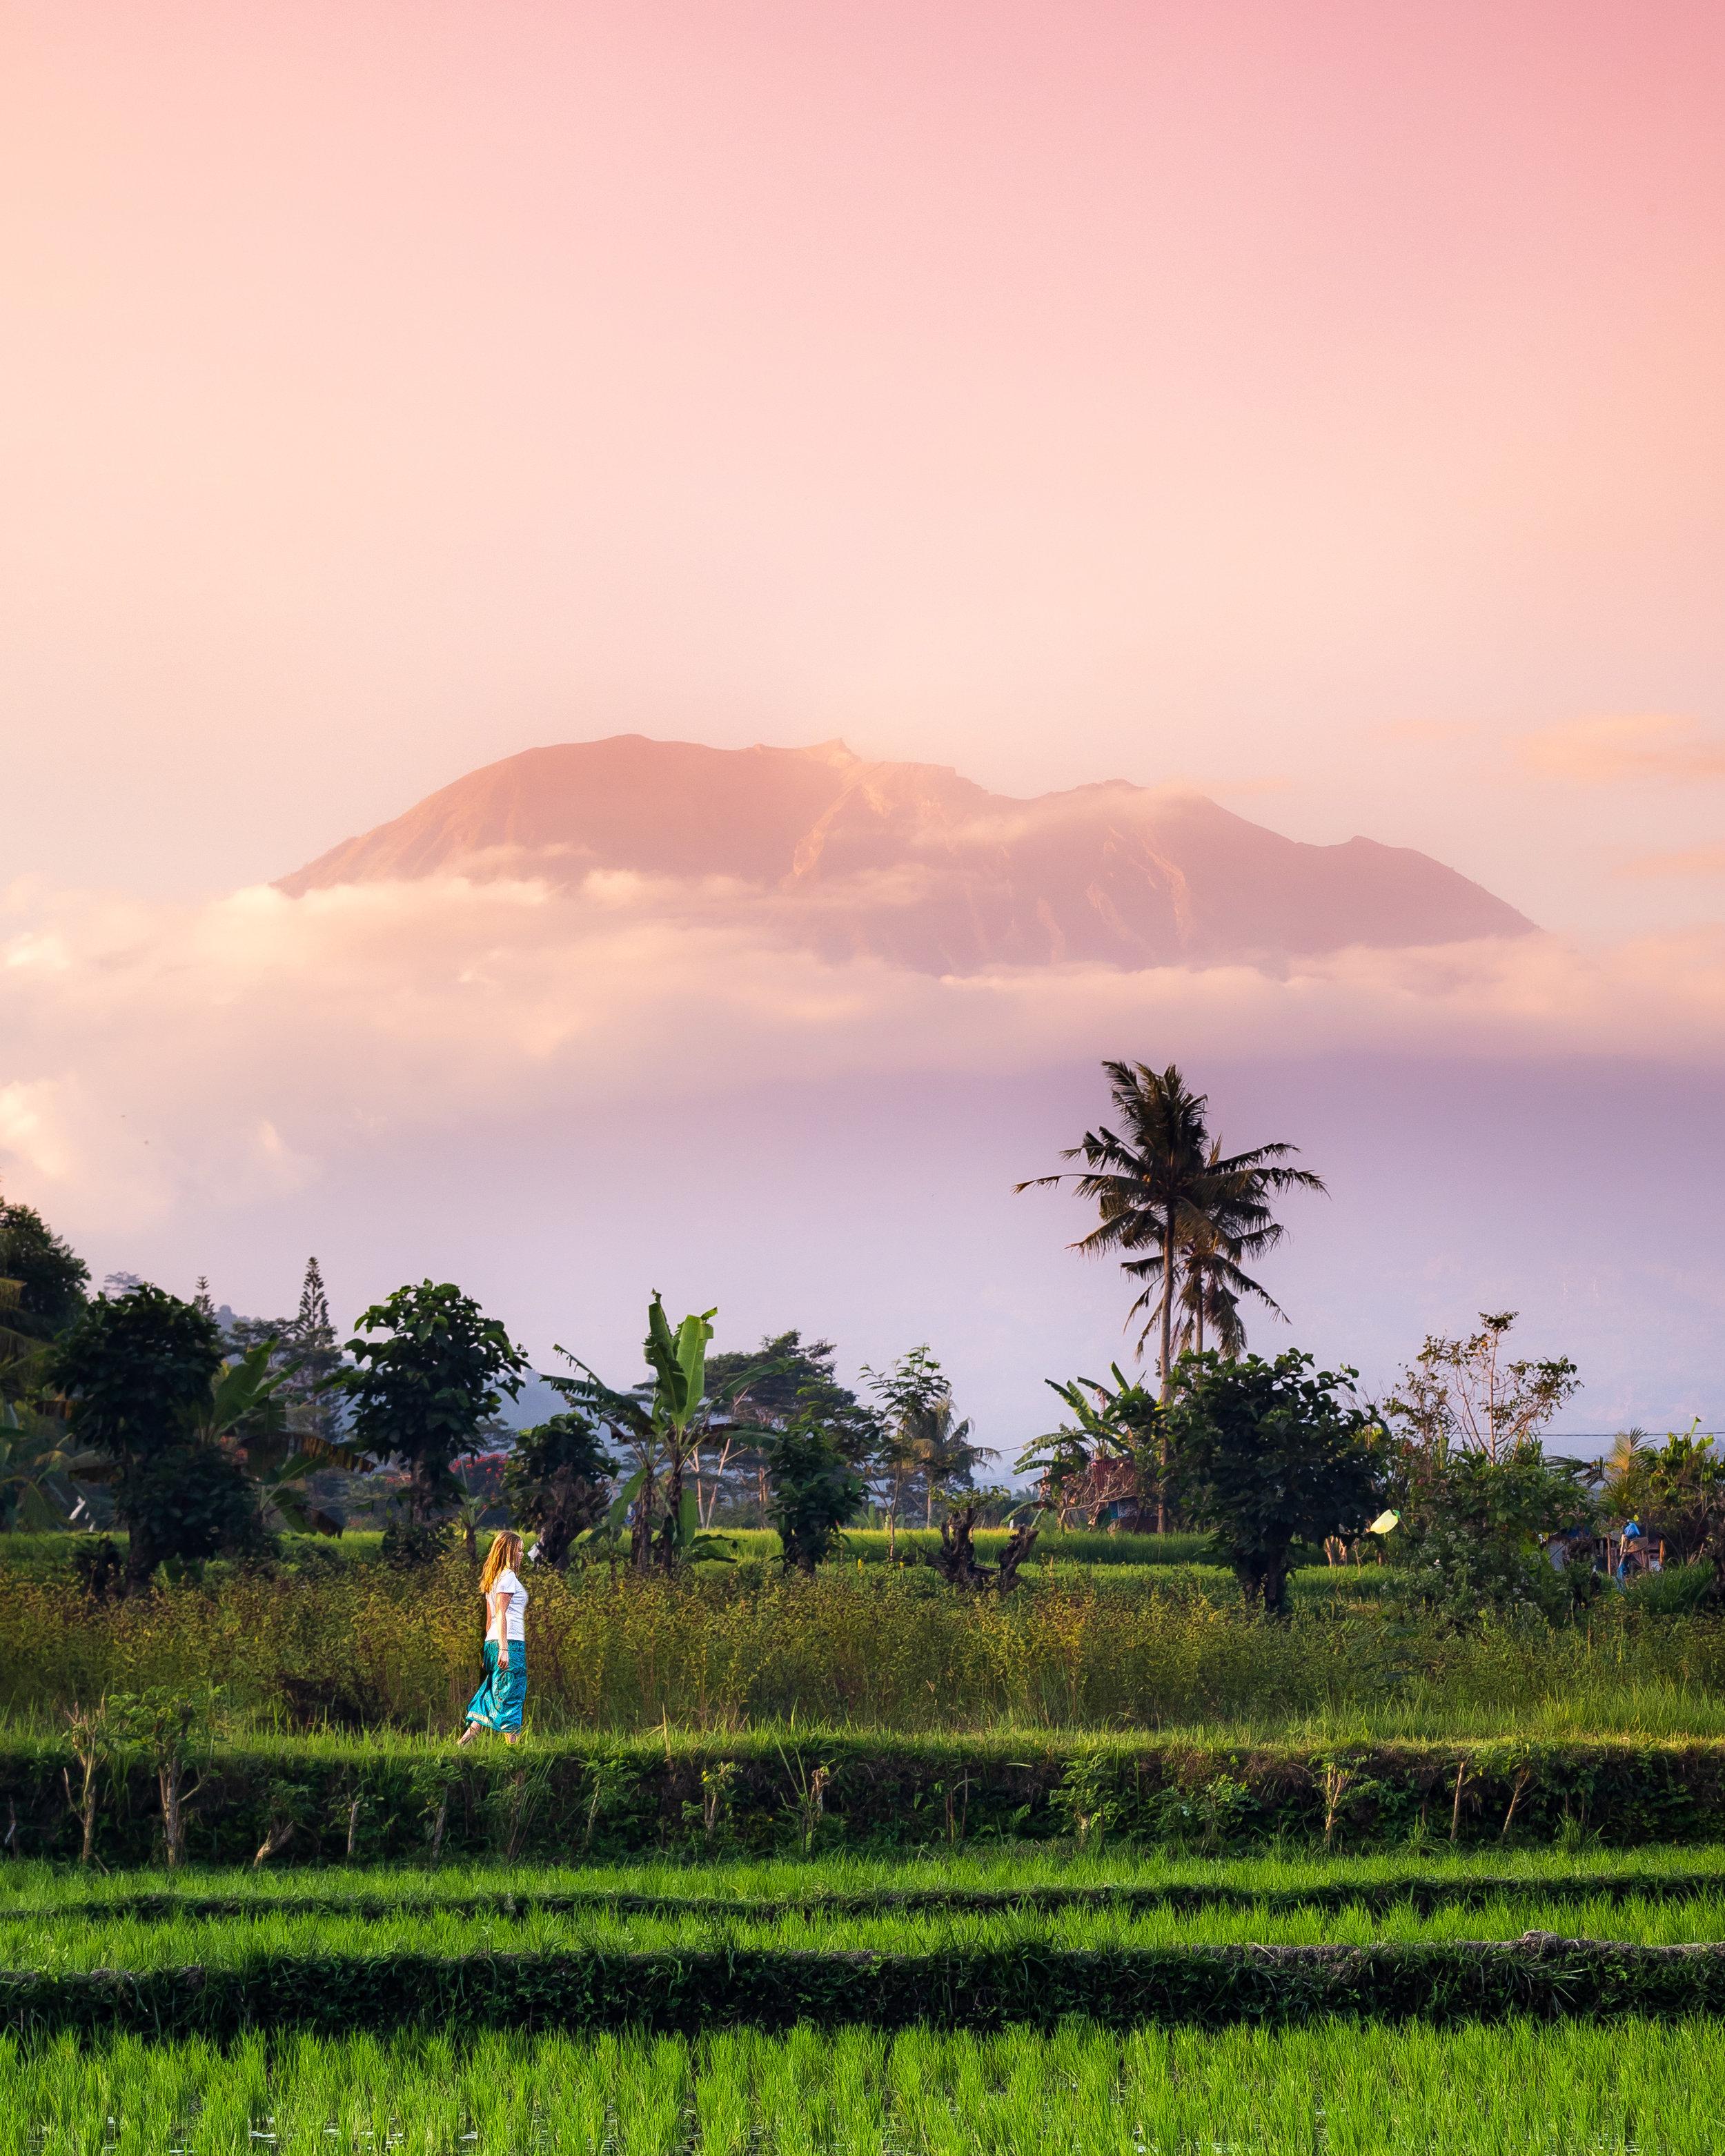 Mount Agung at sunset - things to do in Sidemen Bali